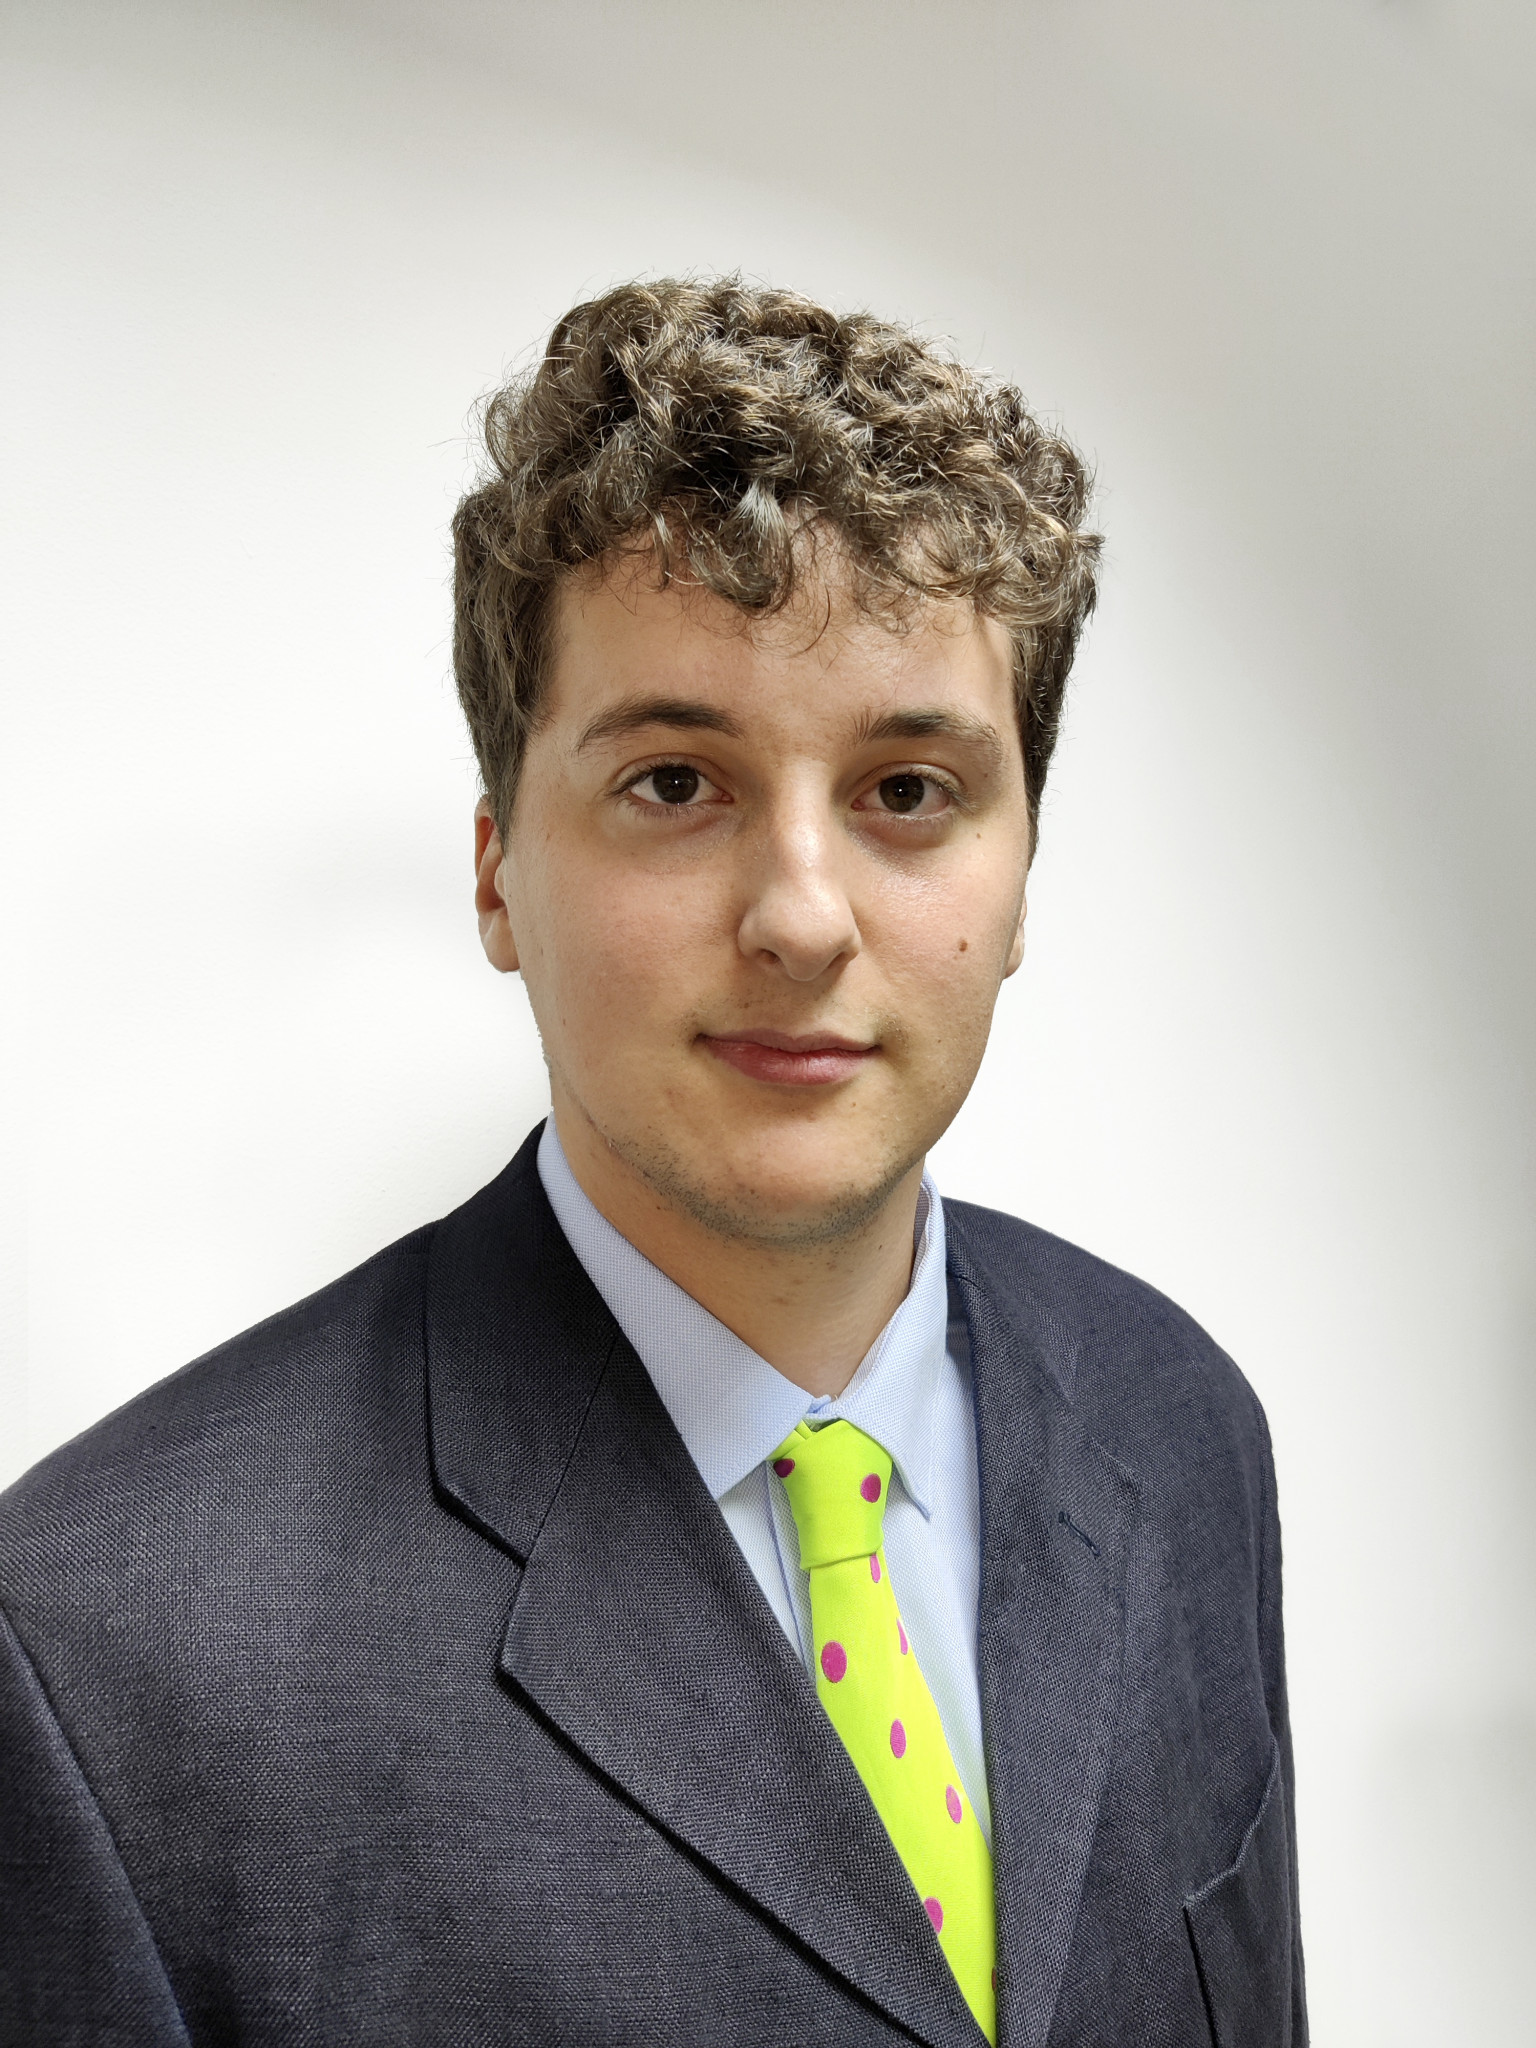 Owen Llyod